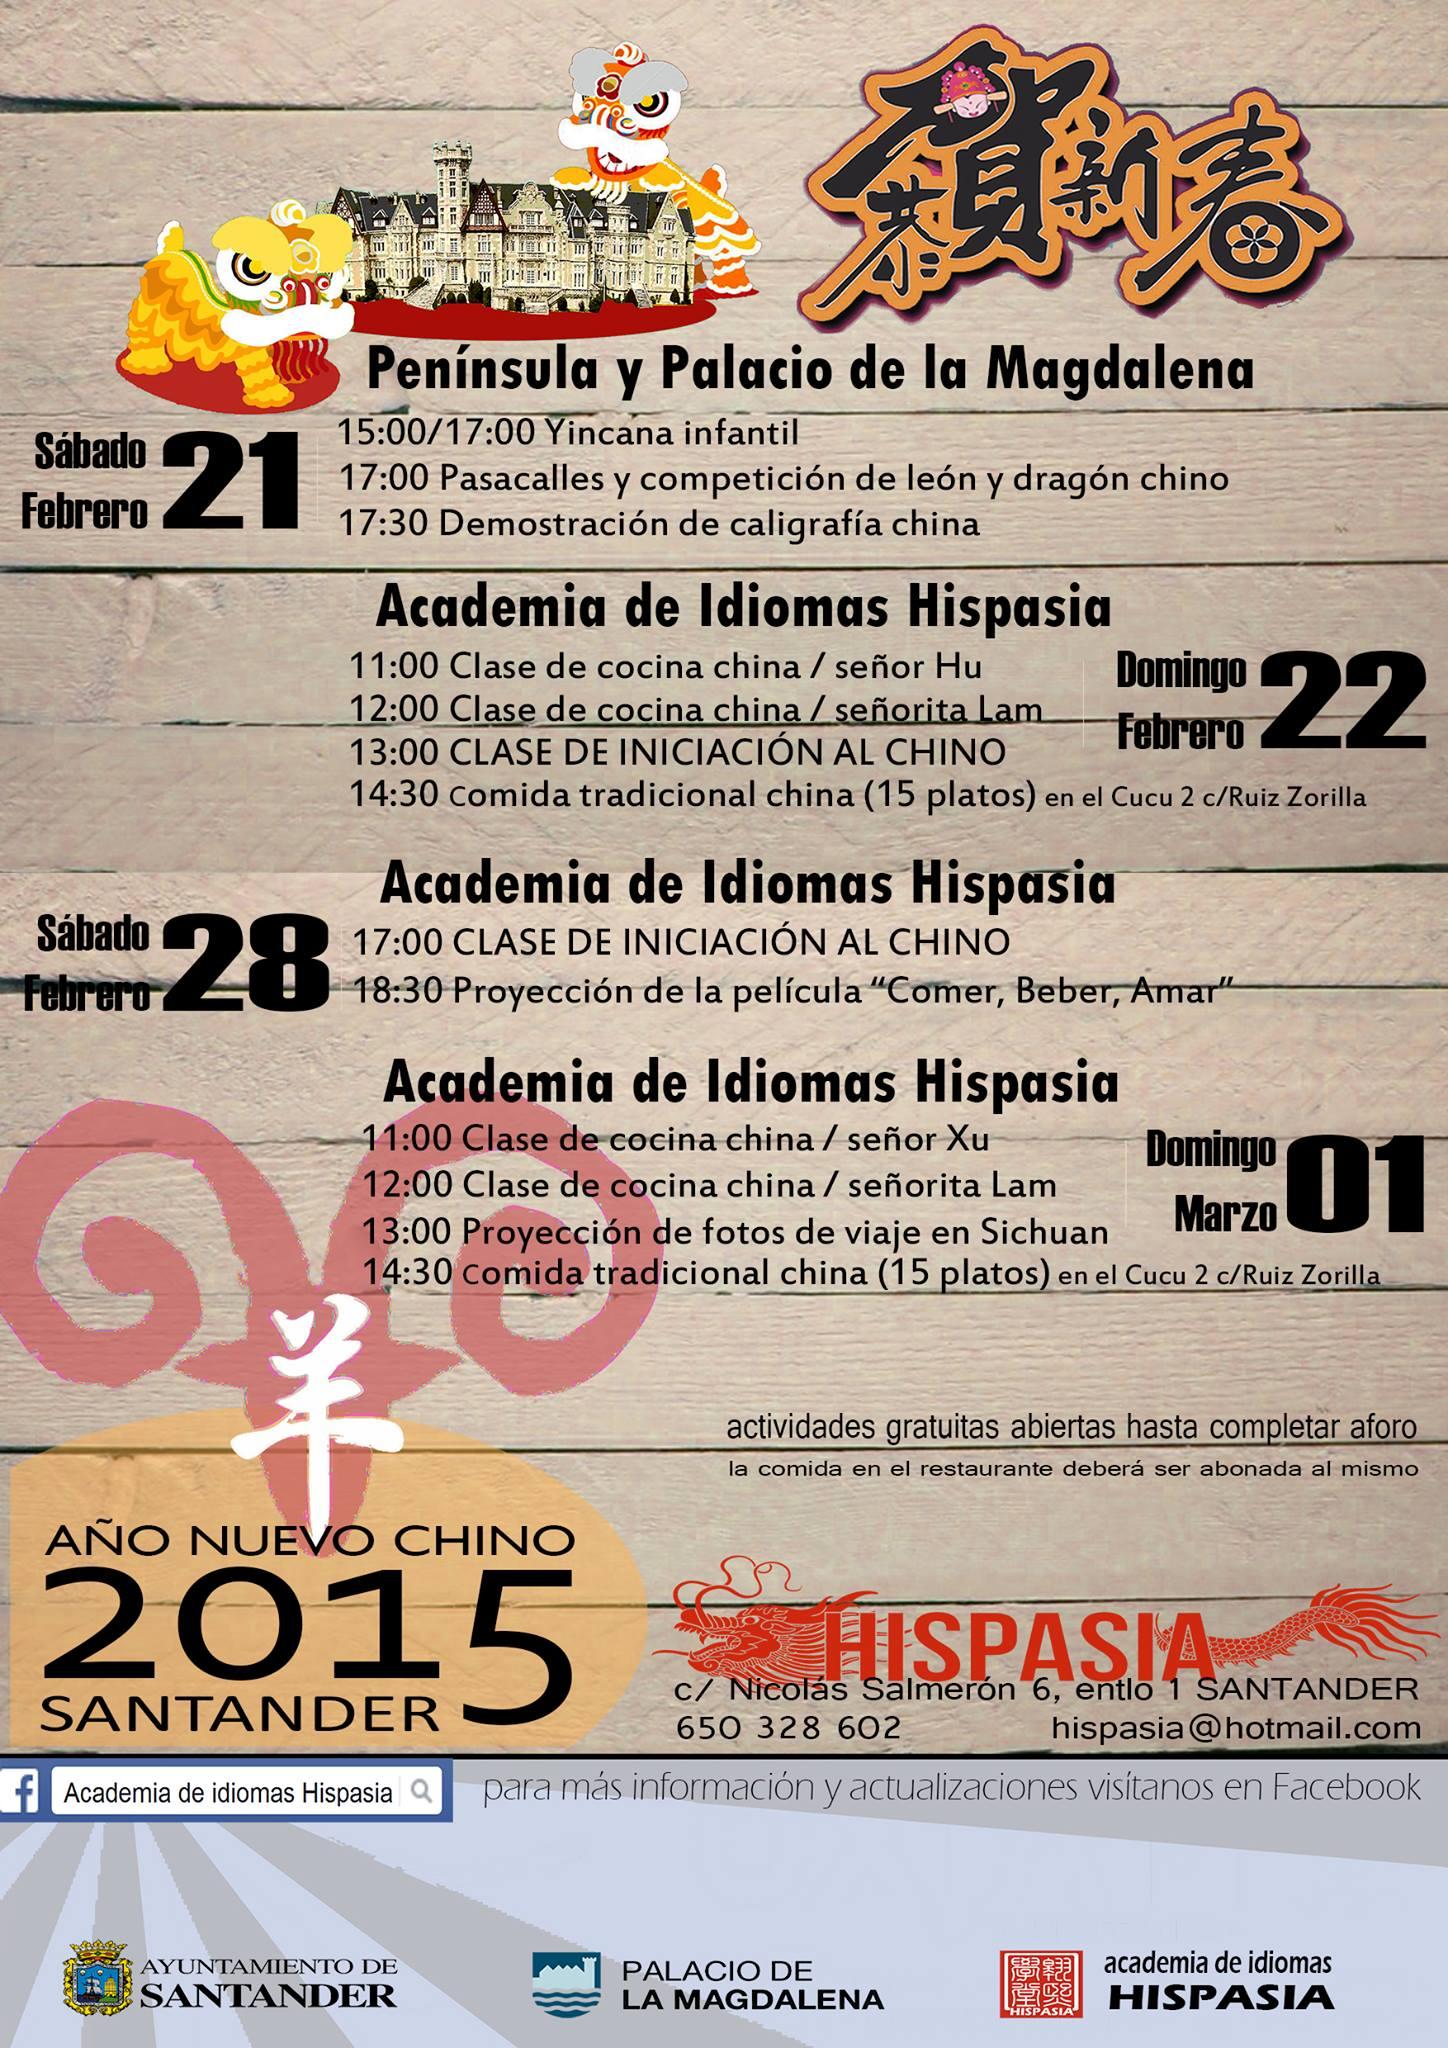 Programación de las celebraciones del Año Nuevo Chino en Santander.